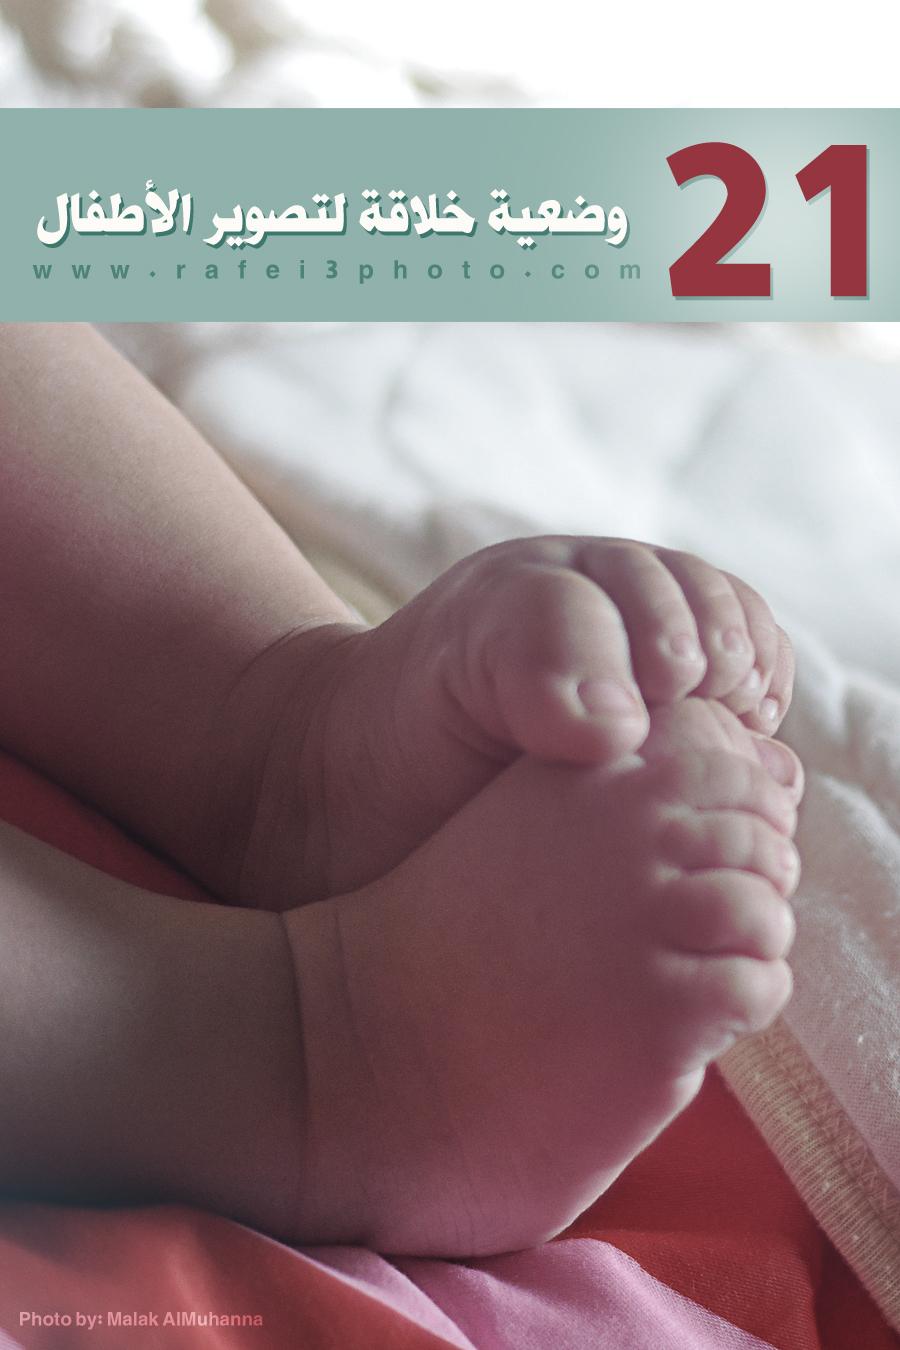 21 وضعية خلاقة لتصوير الأطفال